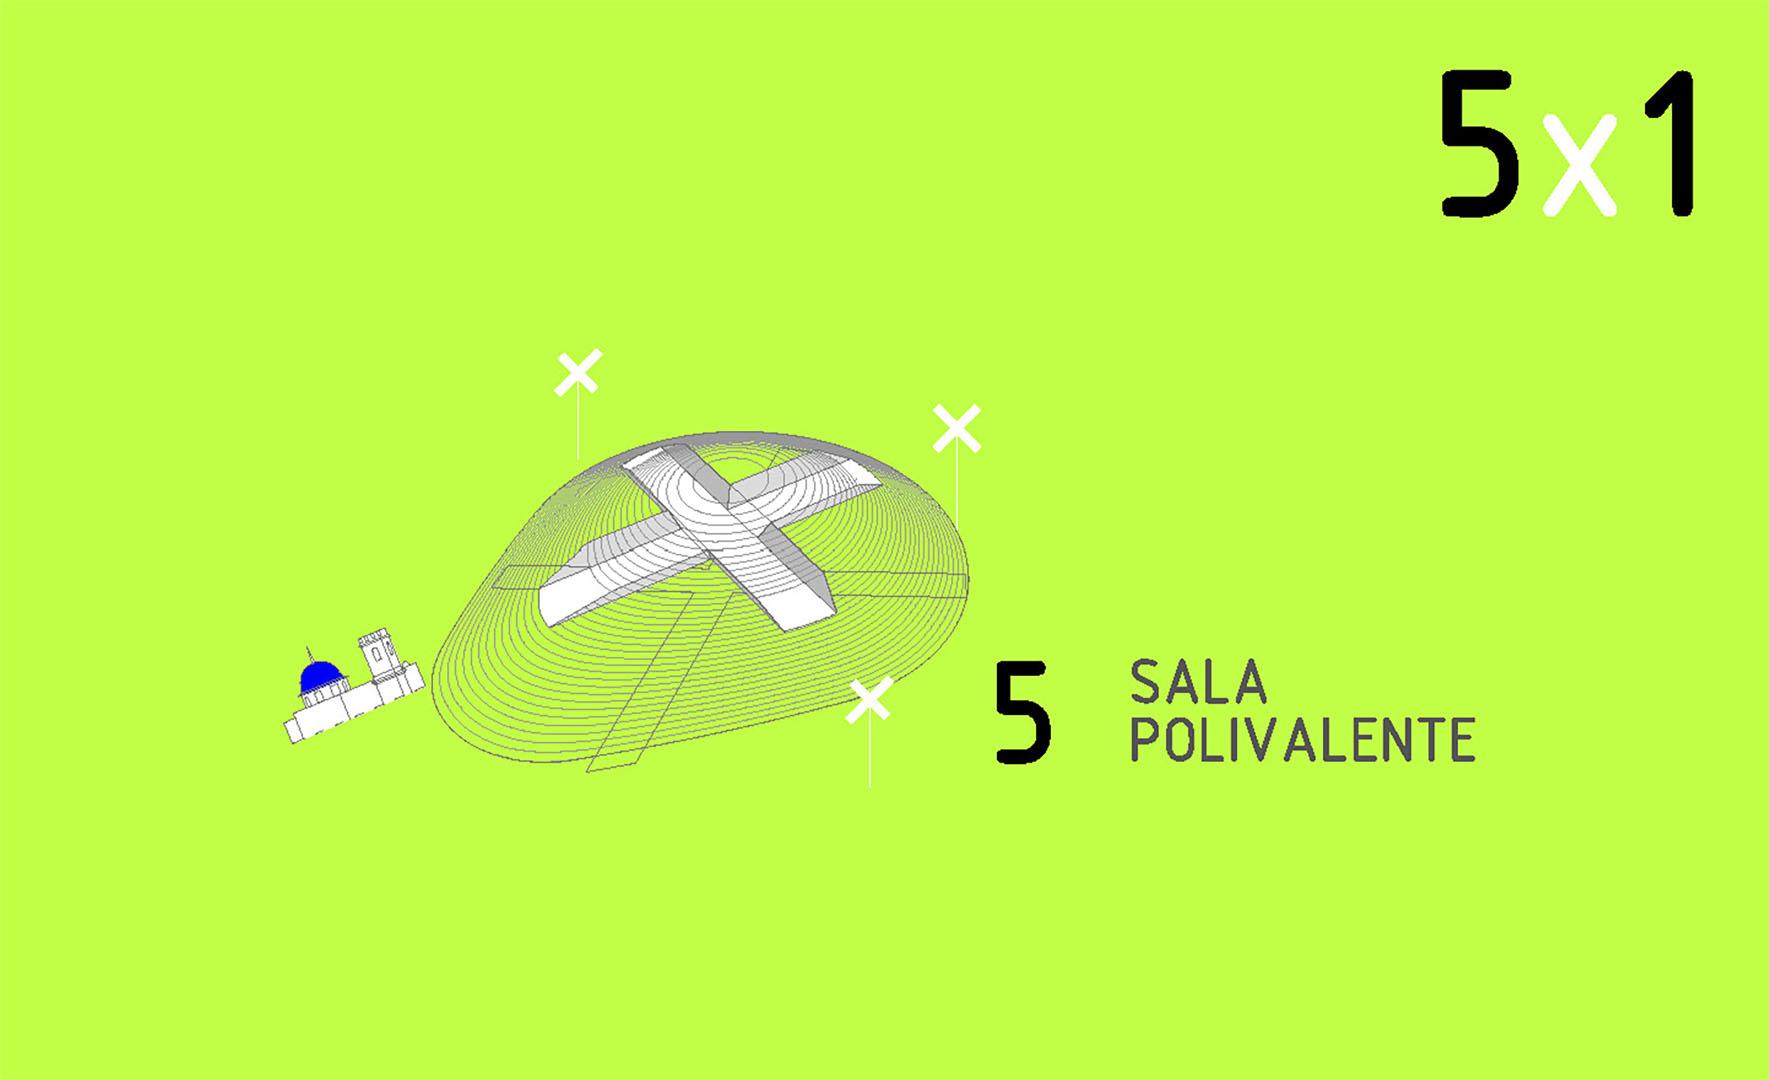 10 PLAYstudio_Mirador-Palmeral-Elche-5en1-5